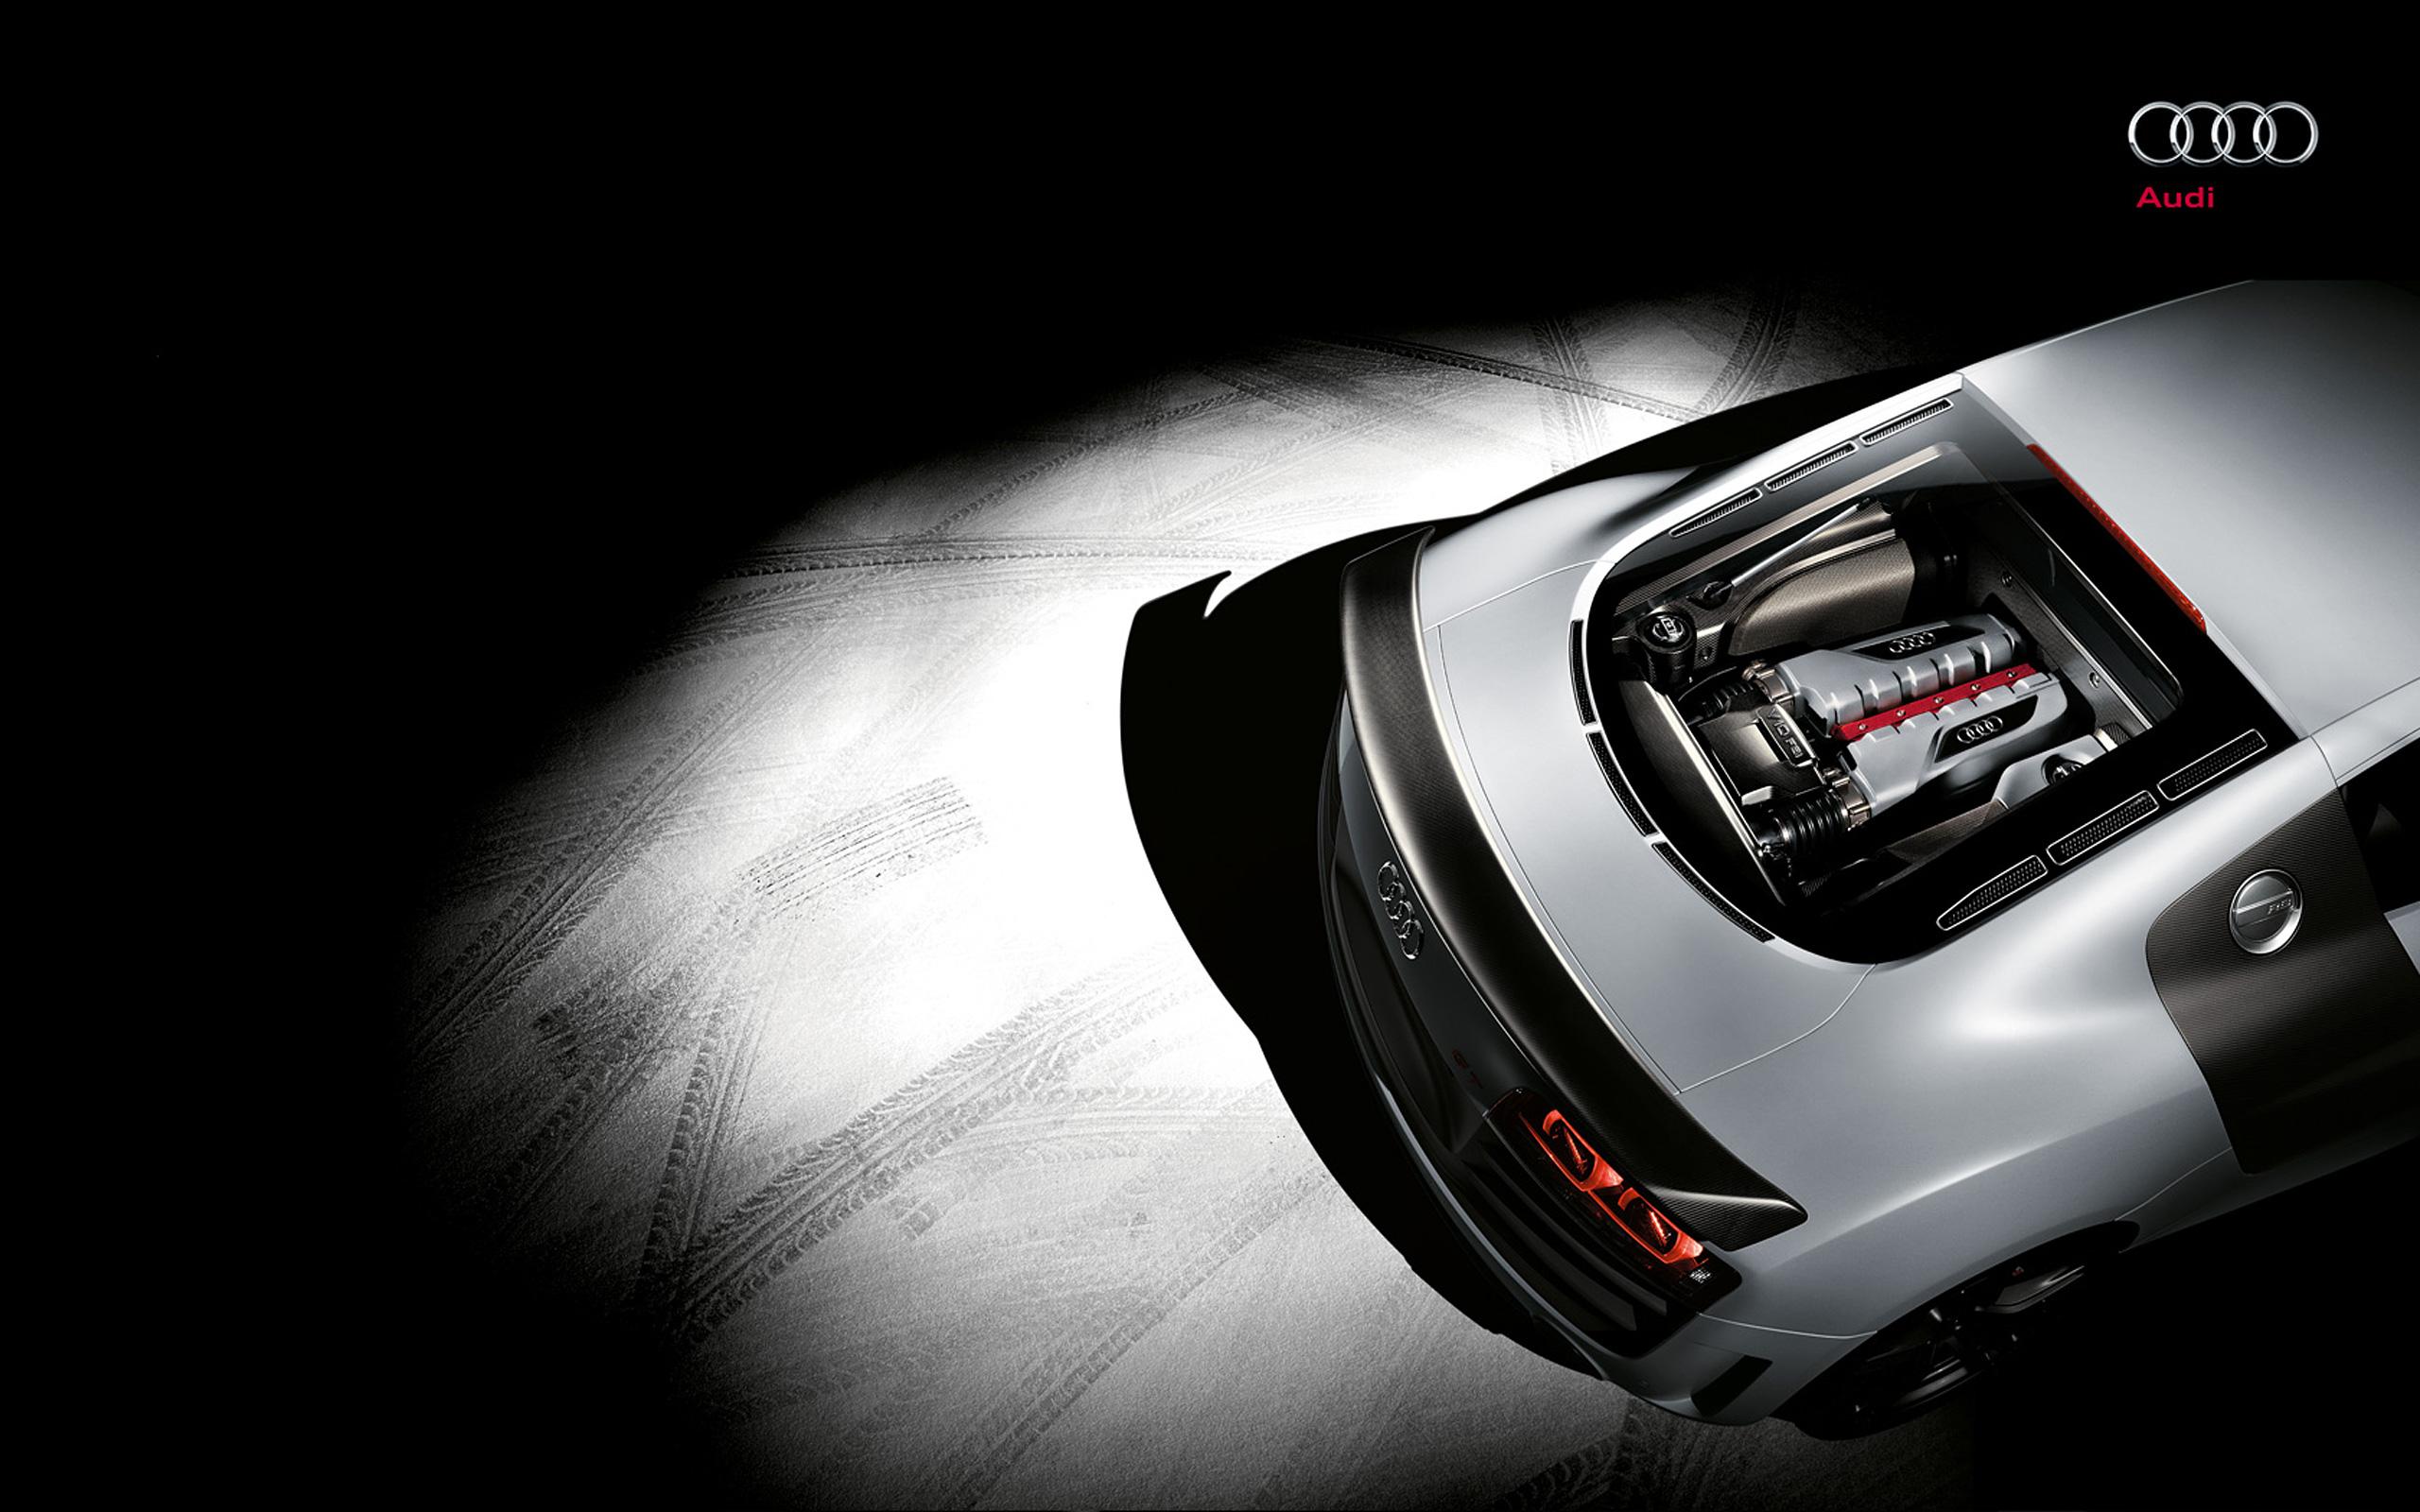 Audi R8 Rear Engine Wallpaper Hd Car Wallpapers Id 2474